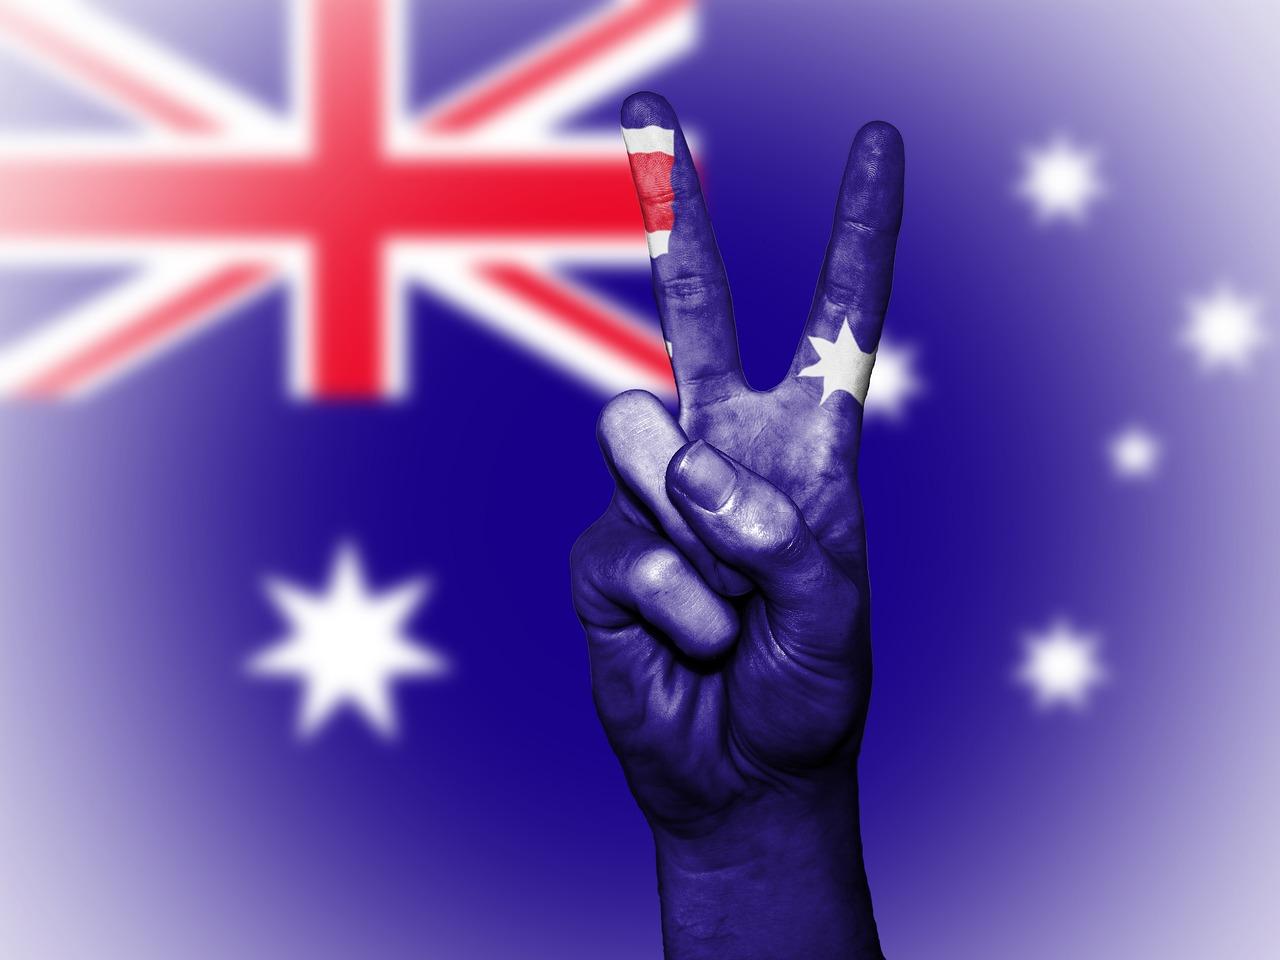 一位中國問題專家表示,澳洲在關鍵時刻能否堅持與中共抗衡,將對全世界有「歷史意義」。圖為澳洲國旗。(David Peterson/Pixabay)